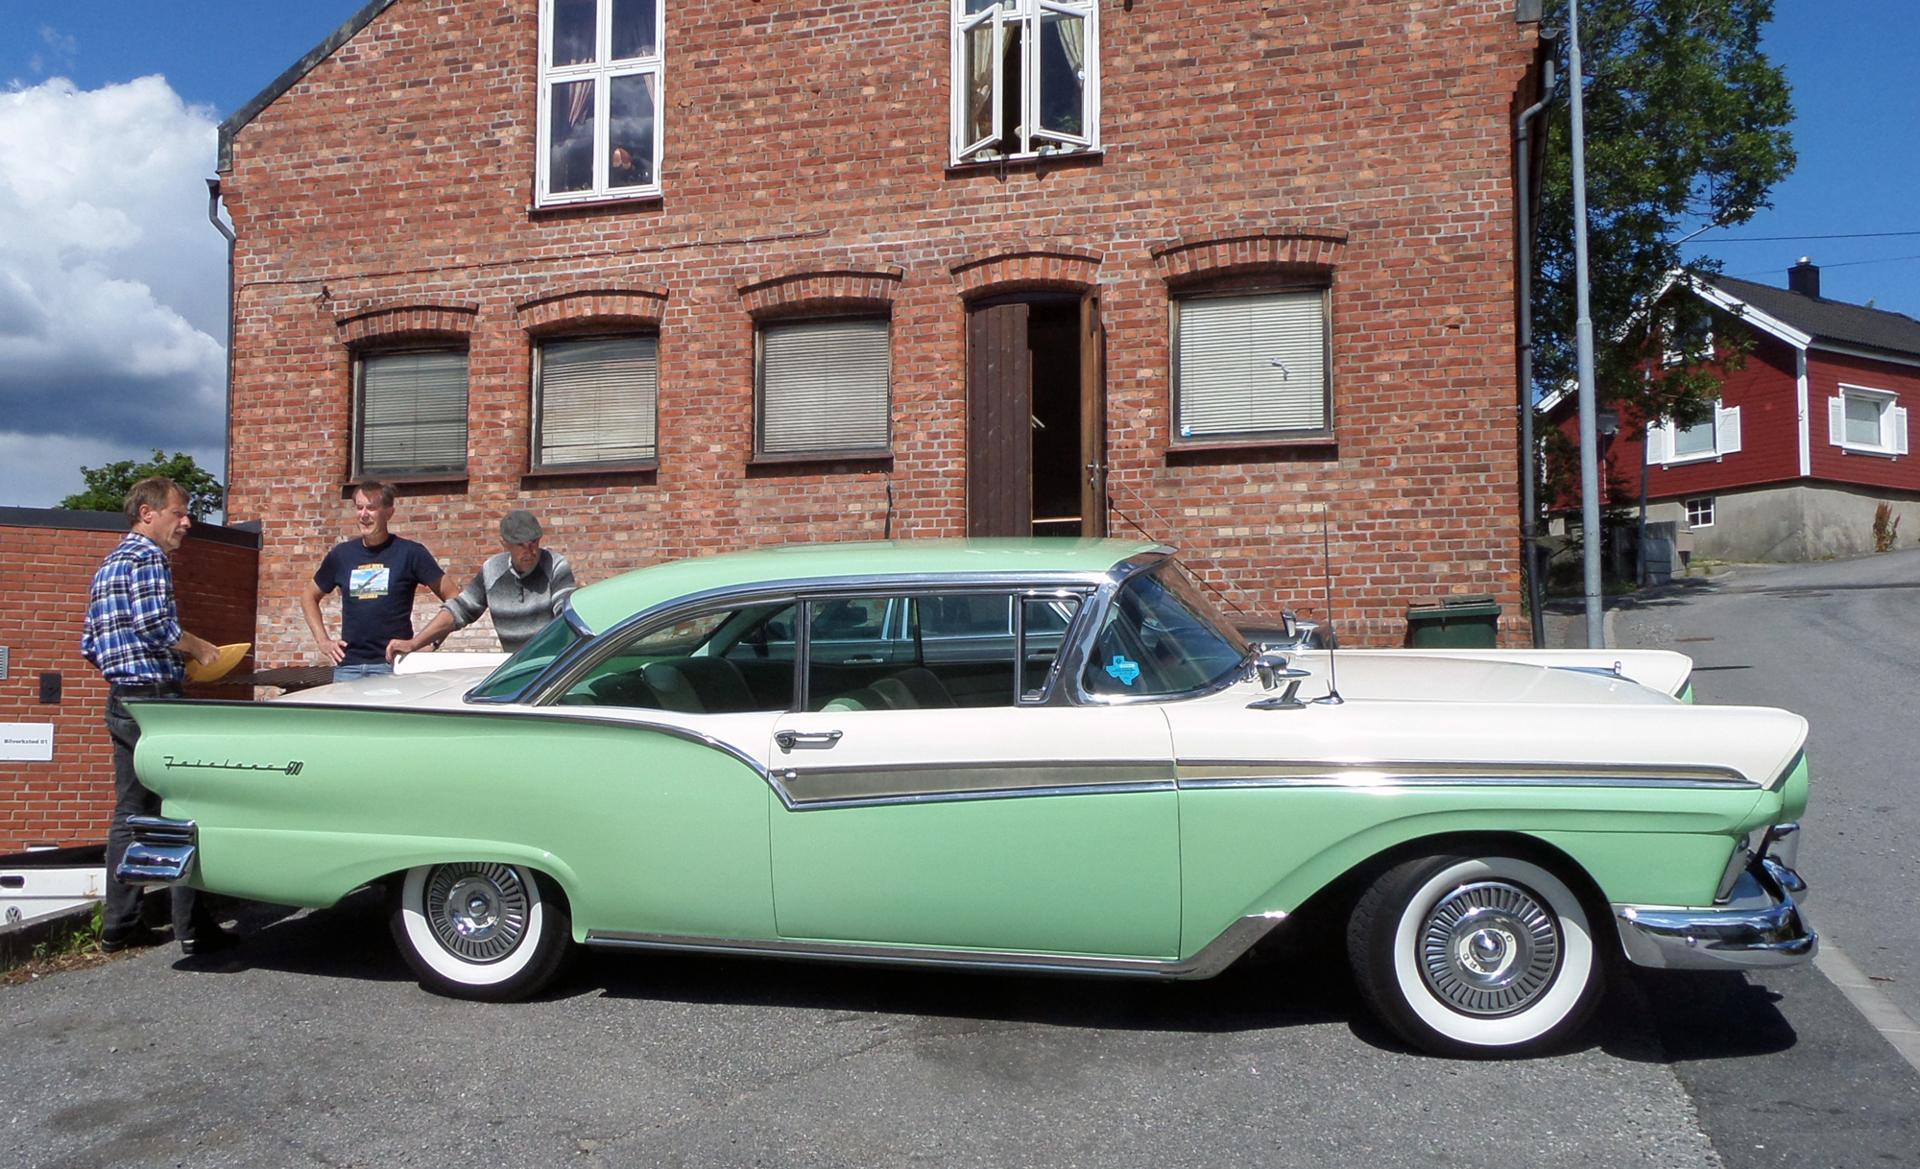 240-1957 Ford Fairlane 500 01. Eier- m edlem 240 P